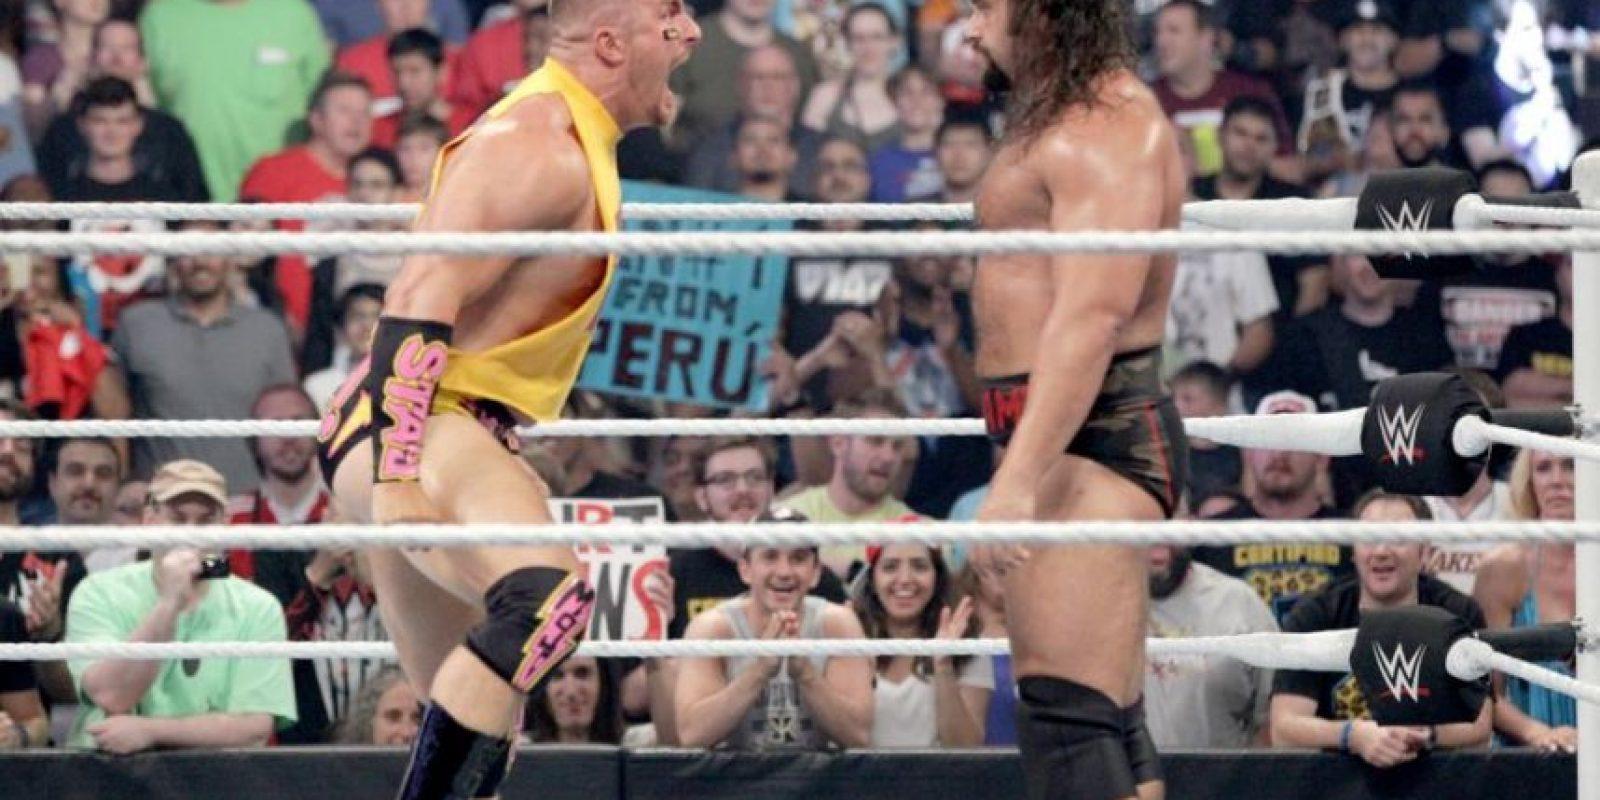 Rusev le pasó por encima a Zack Ryder y retuvo el Campeonato de Estados Unidos Foto:WWE